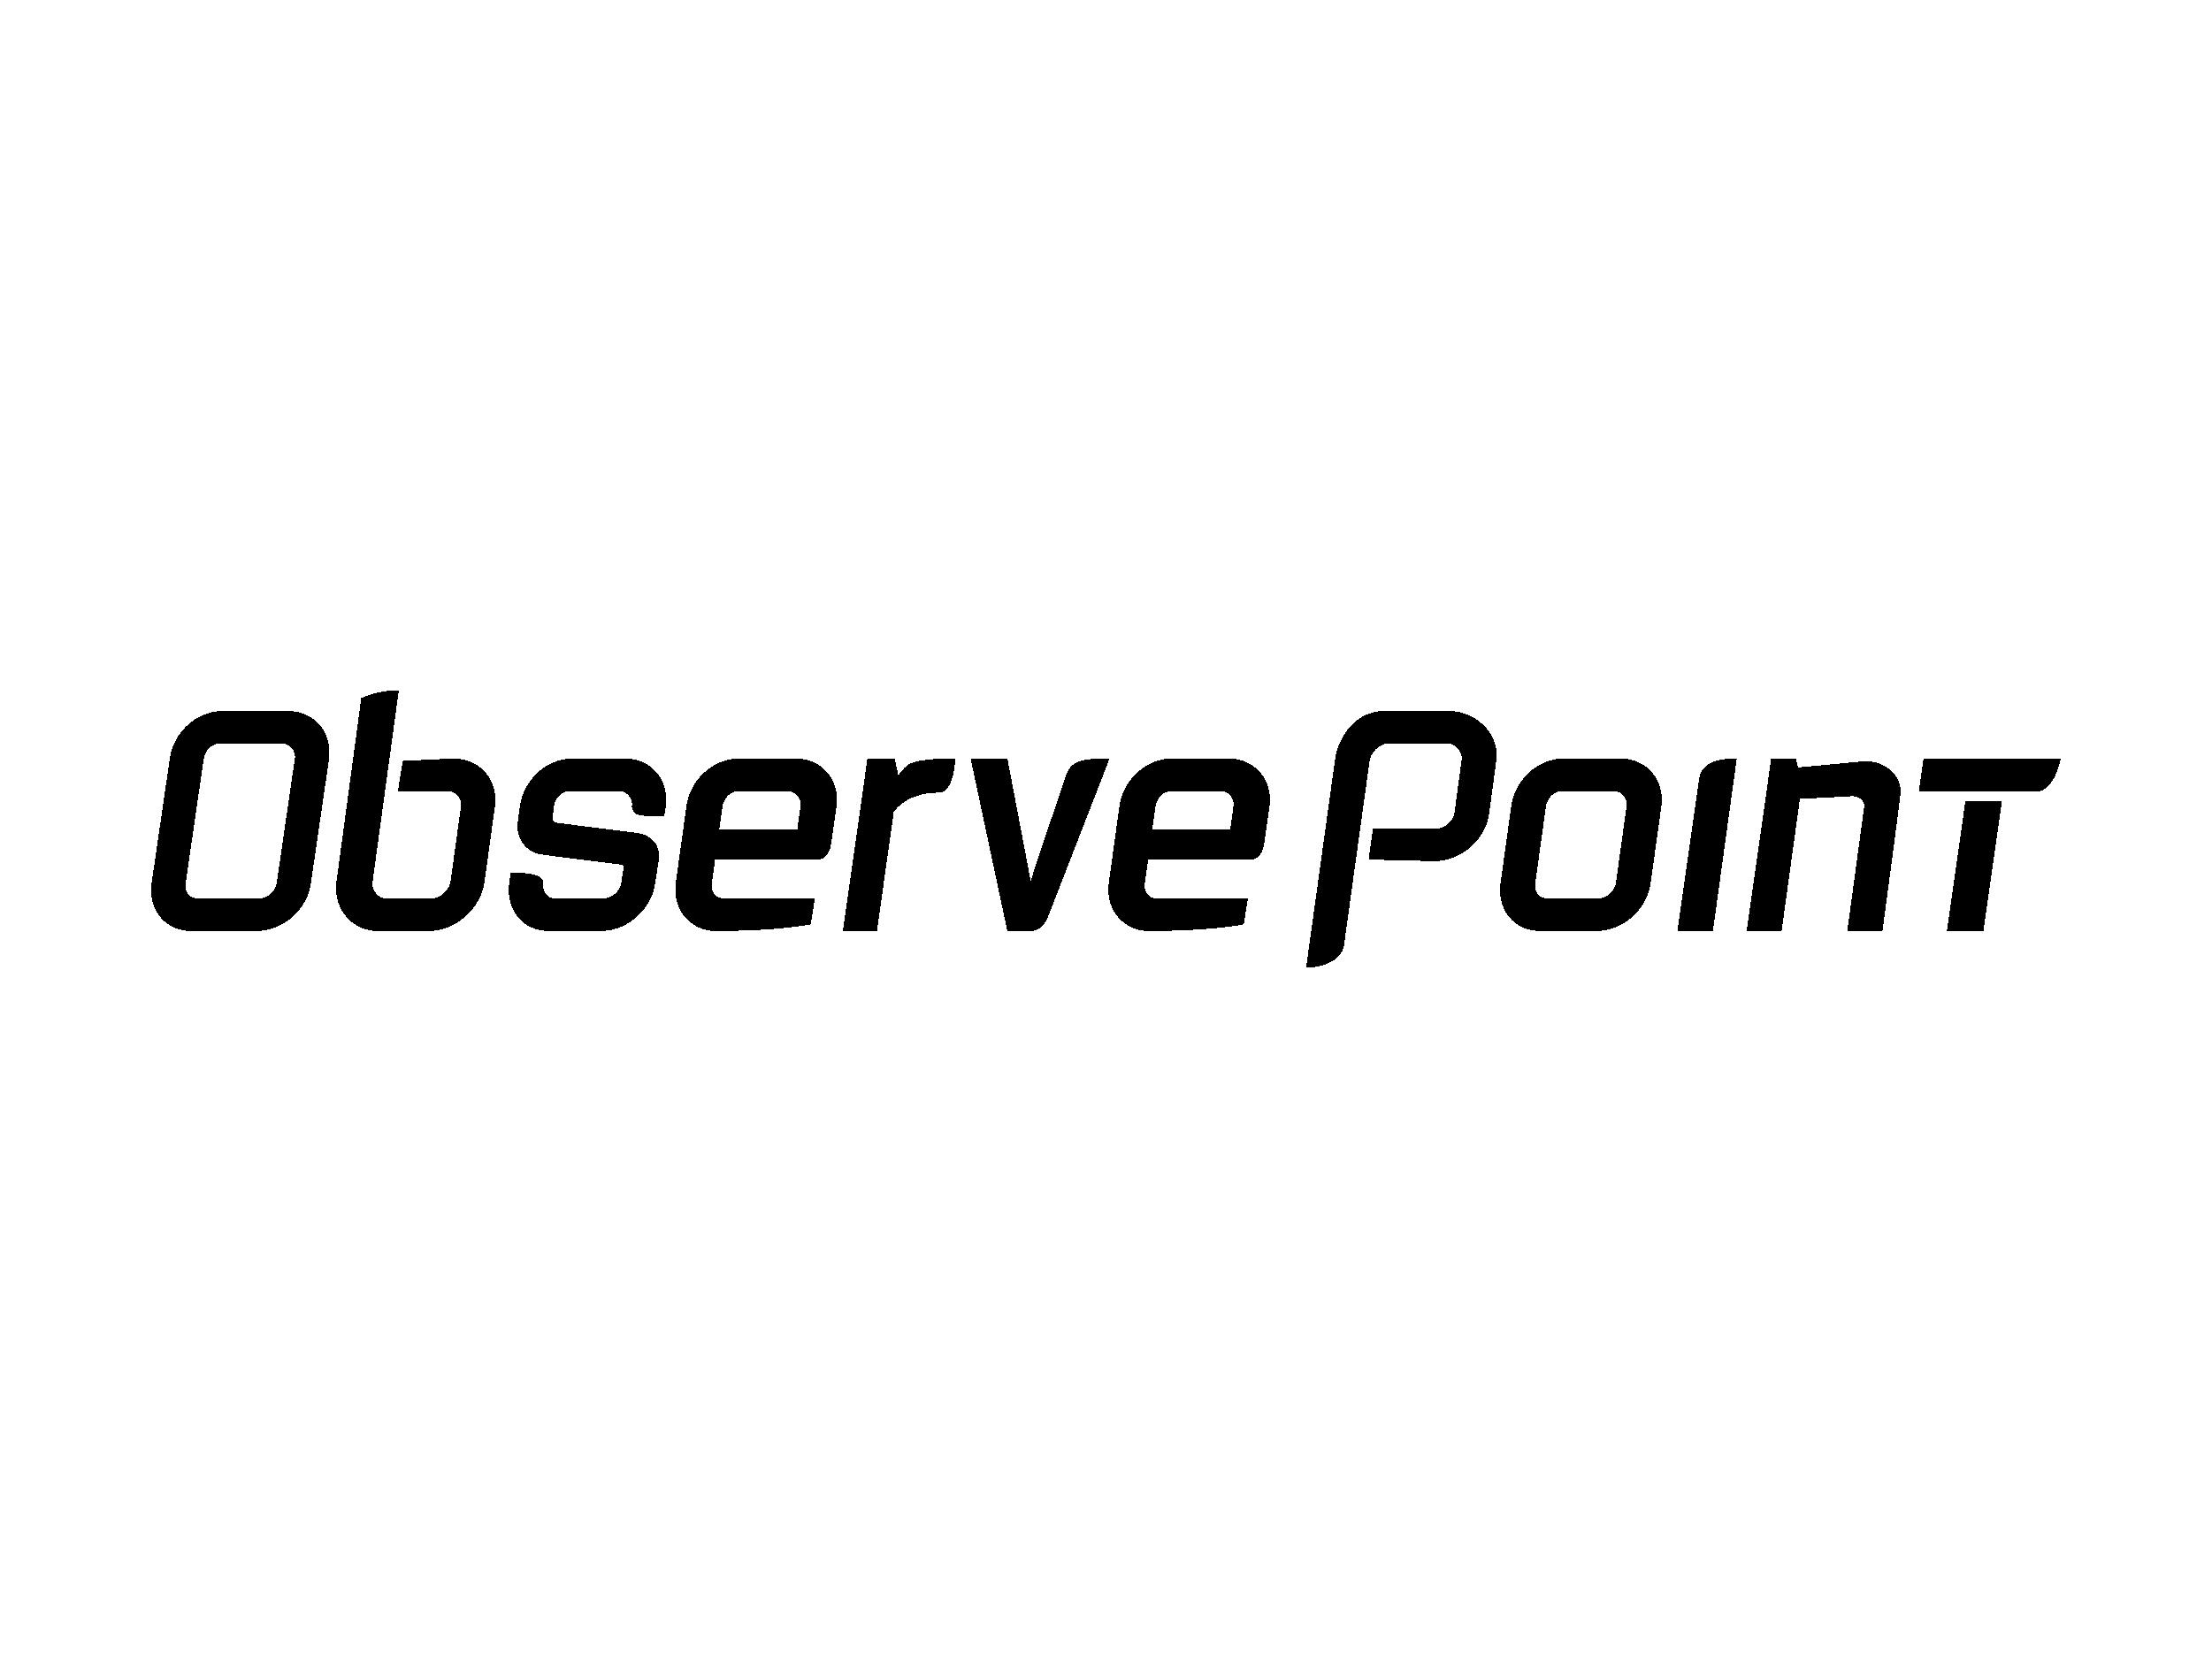 Portfolio logos_Observe Point